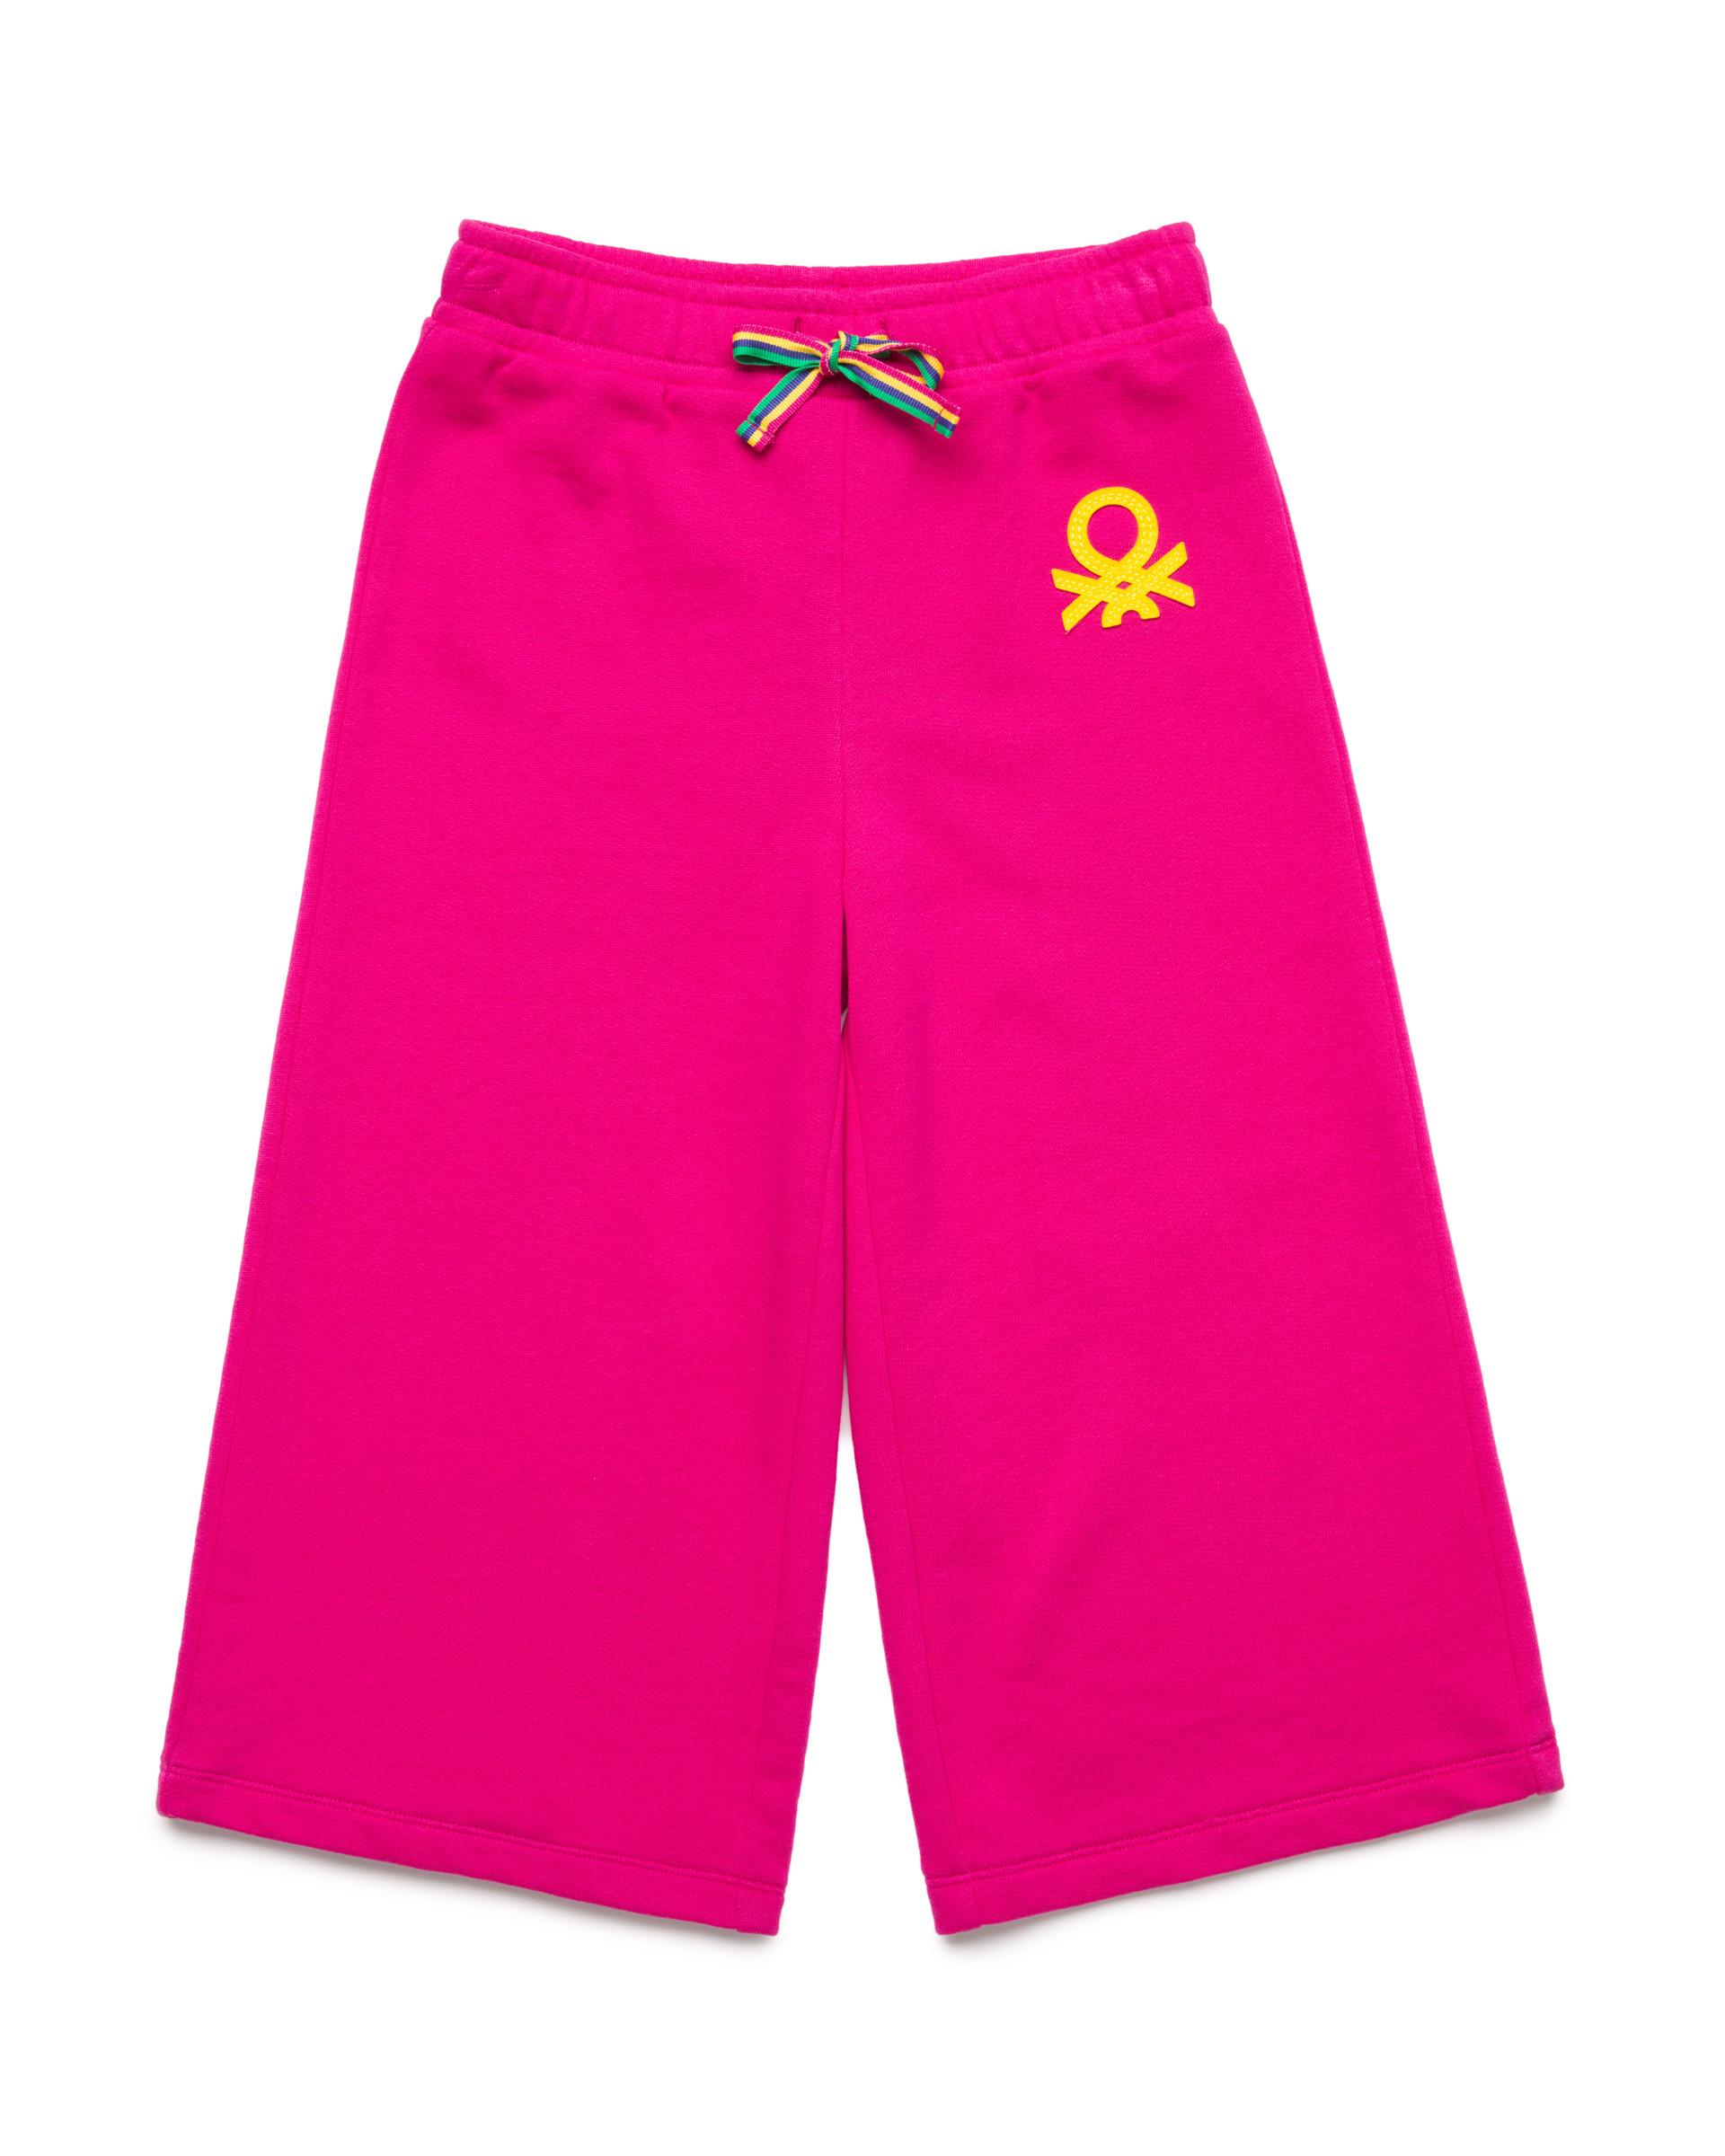 Купить 20P_3J68I0982_2L3, Спортивные брюки-кюлоты 3/4 для девочек Benetton 3J68I0982_2L3 р-р 104, United Colors of Benetton, Брюки для девочек